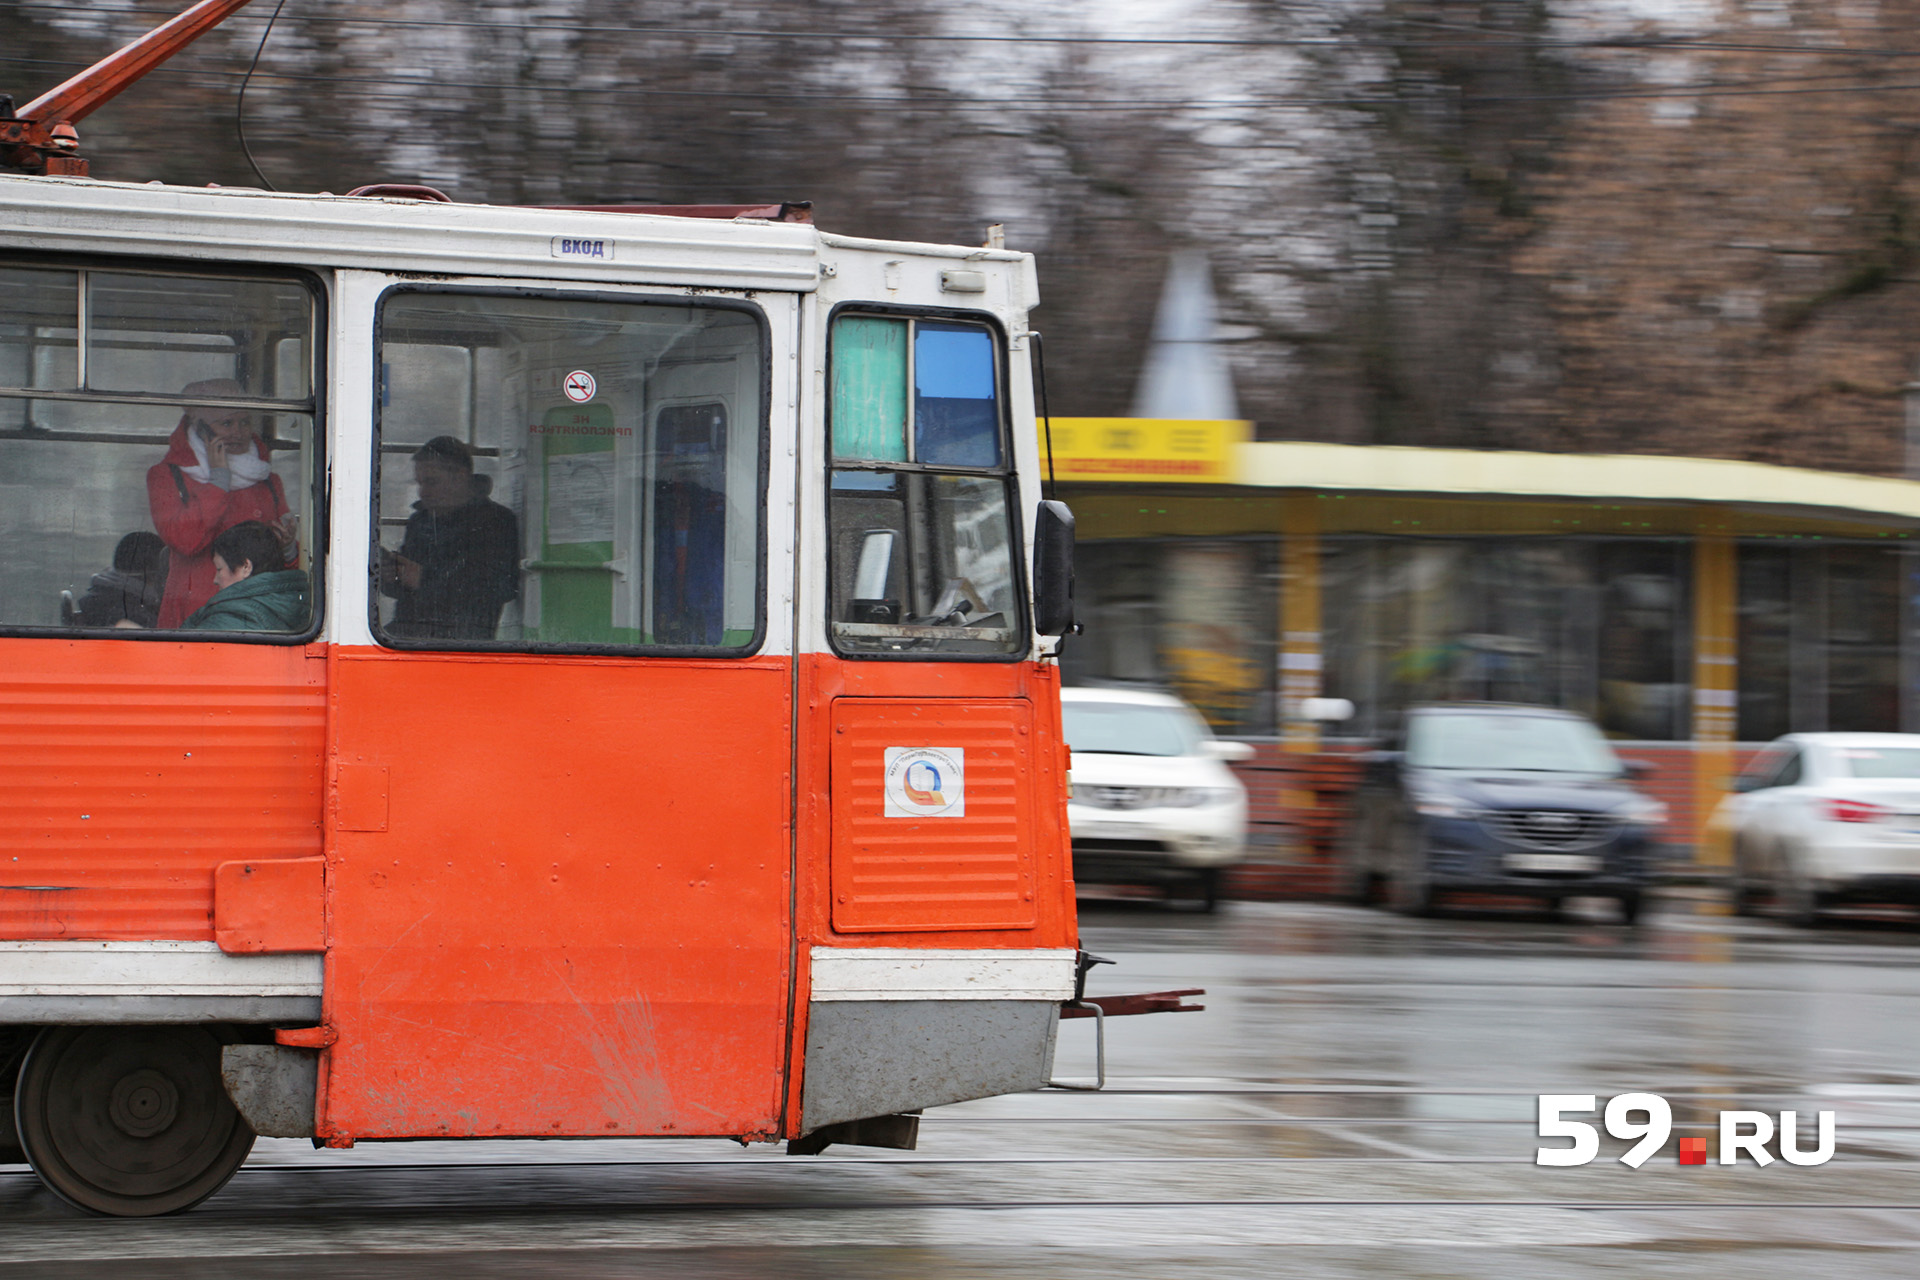 Пересаживаться с трамвая на троллейбус можно неограниченное количество раз, но только в течение 40 минут